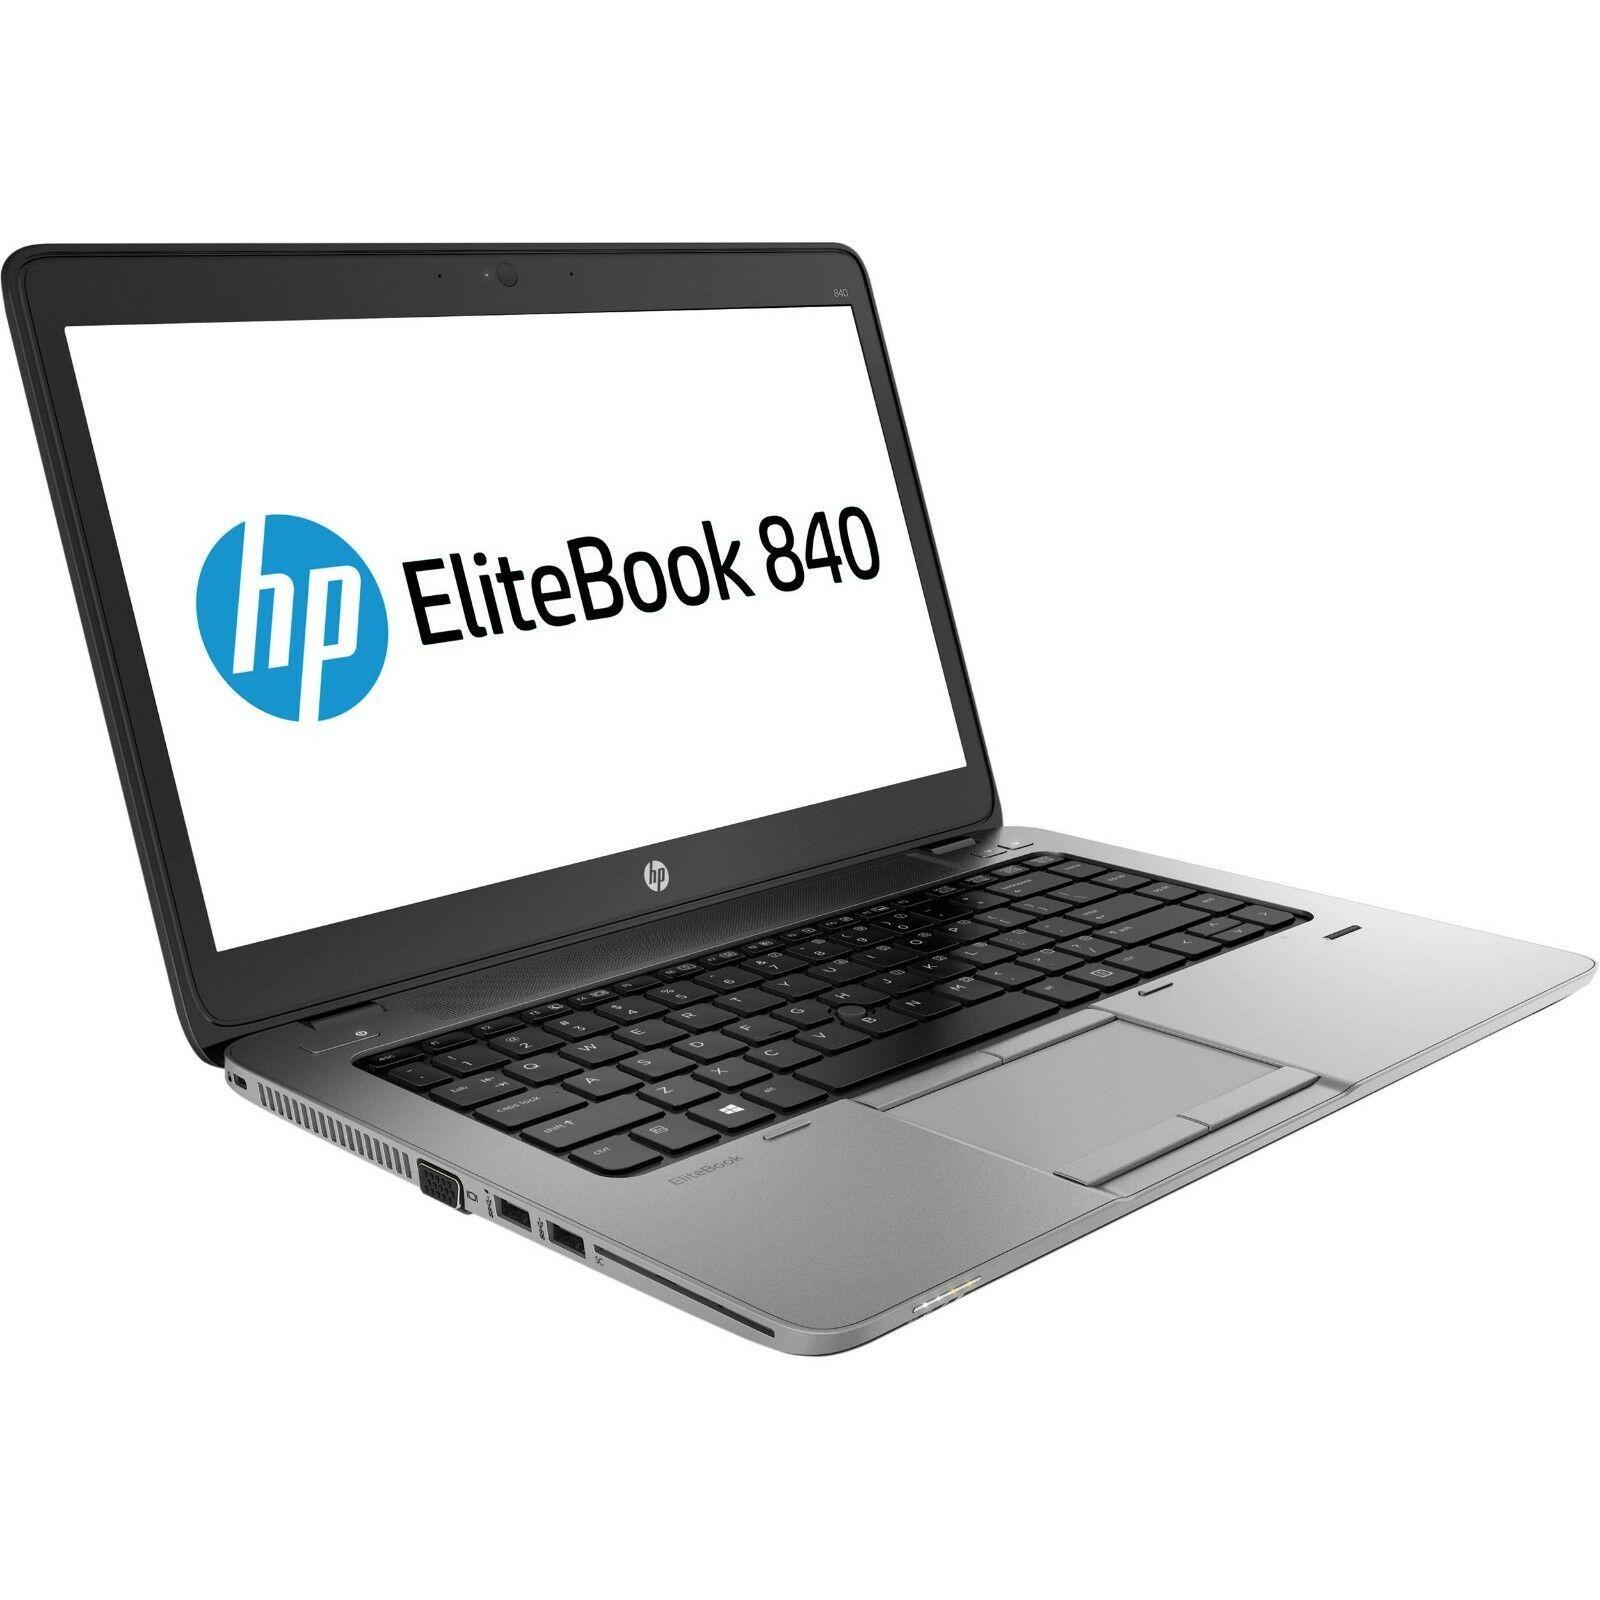 """HP Elitebook 840 G1 Intel i7 4600u 2.10Ghz 8Gb Ram 256Gb SDD 14"""" Win 10 Pro"""